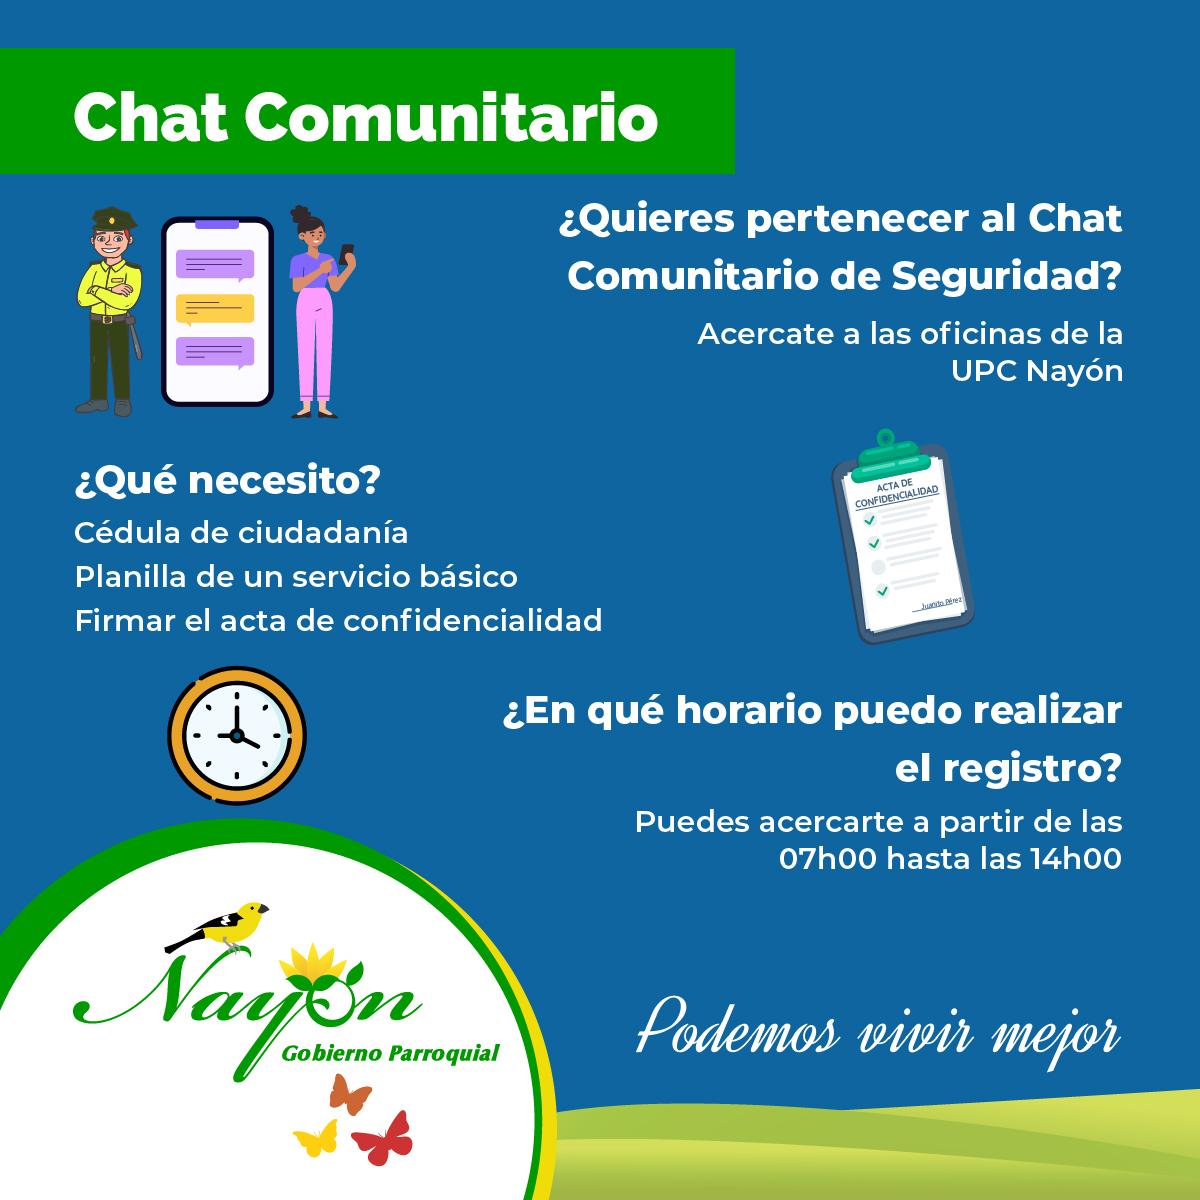 Chat Comunitario Nayón